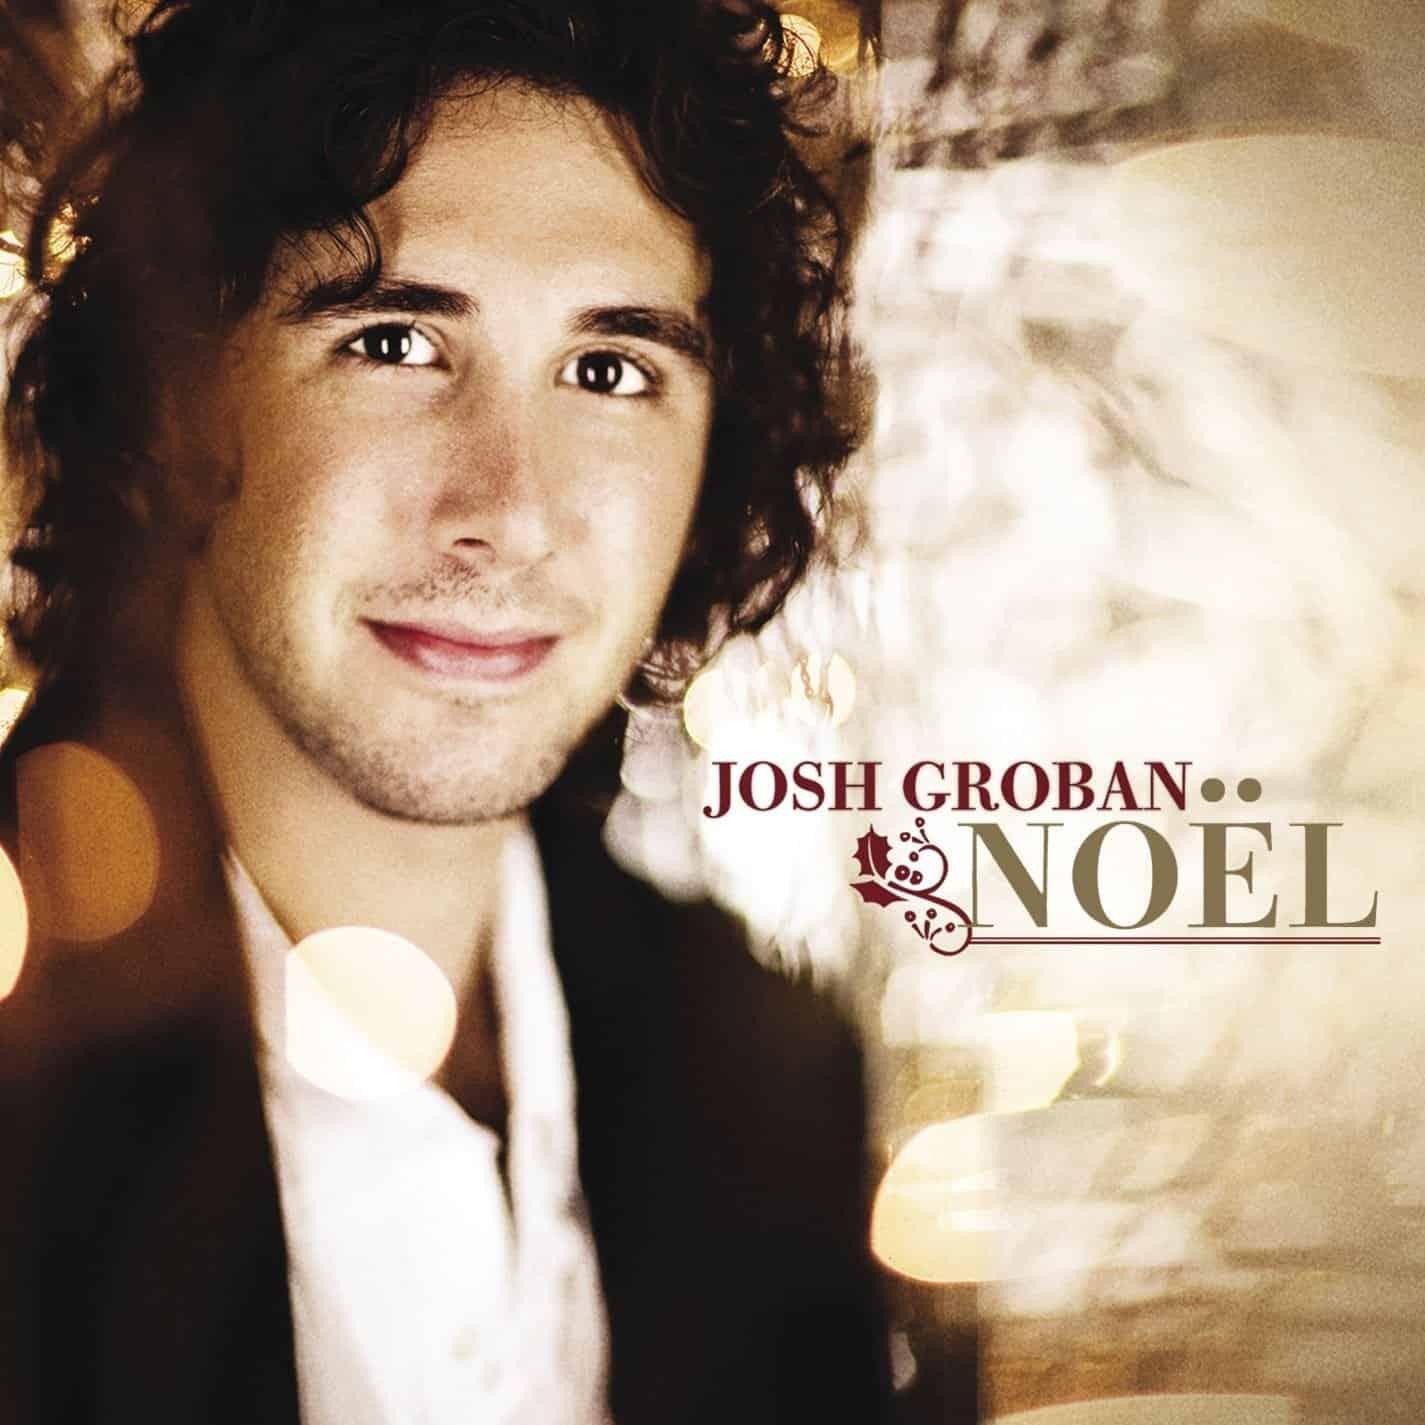 Noel by Josh Groan